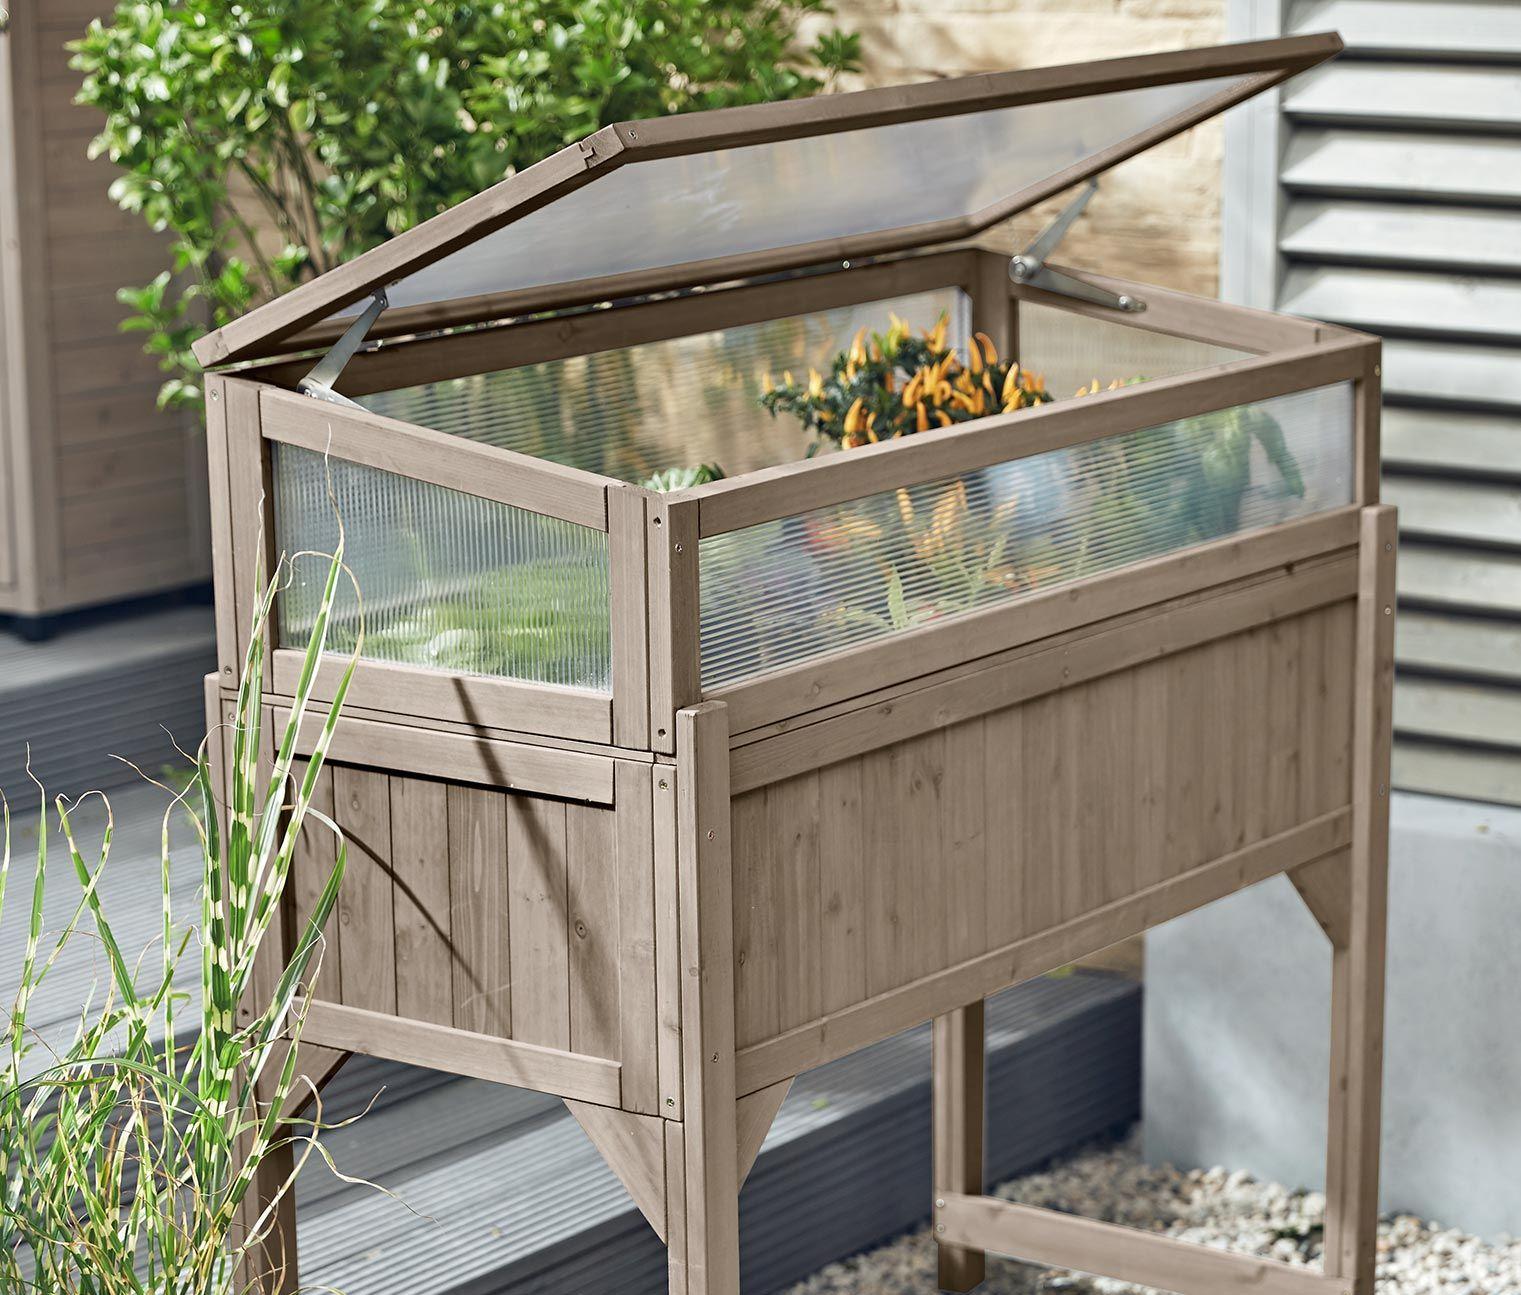 Hochbeet Online Bestellen Bei Tchibo 336662 Hochbeet Garten Hochbeet Landschaftsbau